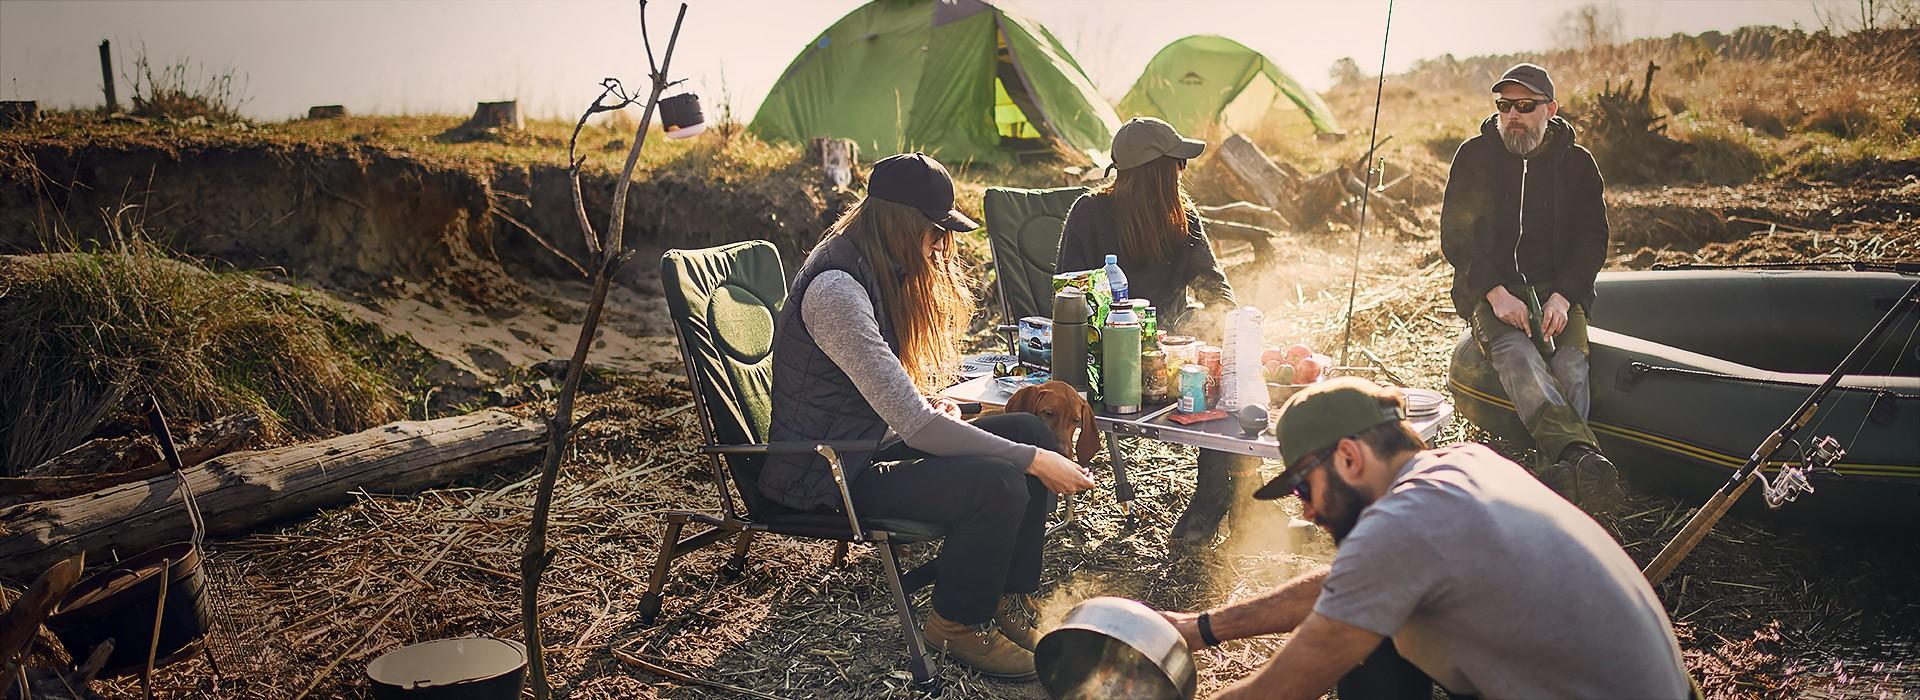 En sommar som spenderas utomhus är en väl spenderad sommar!Öka spänningen med Deepers ekolod